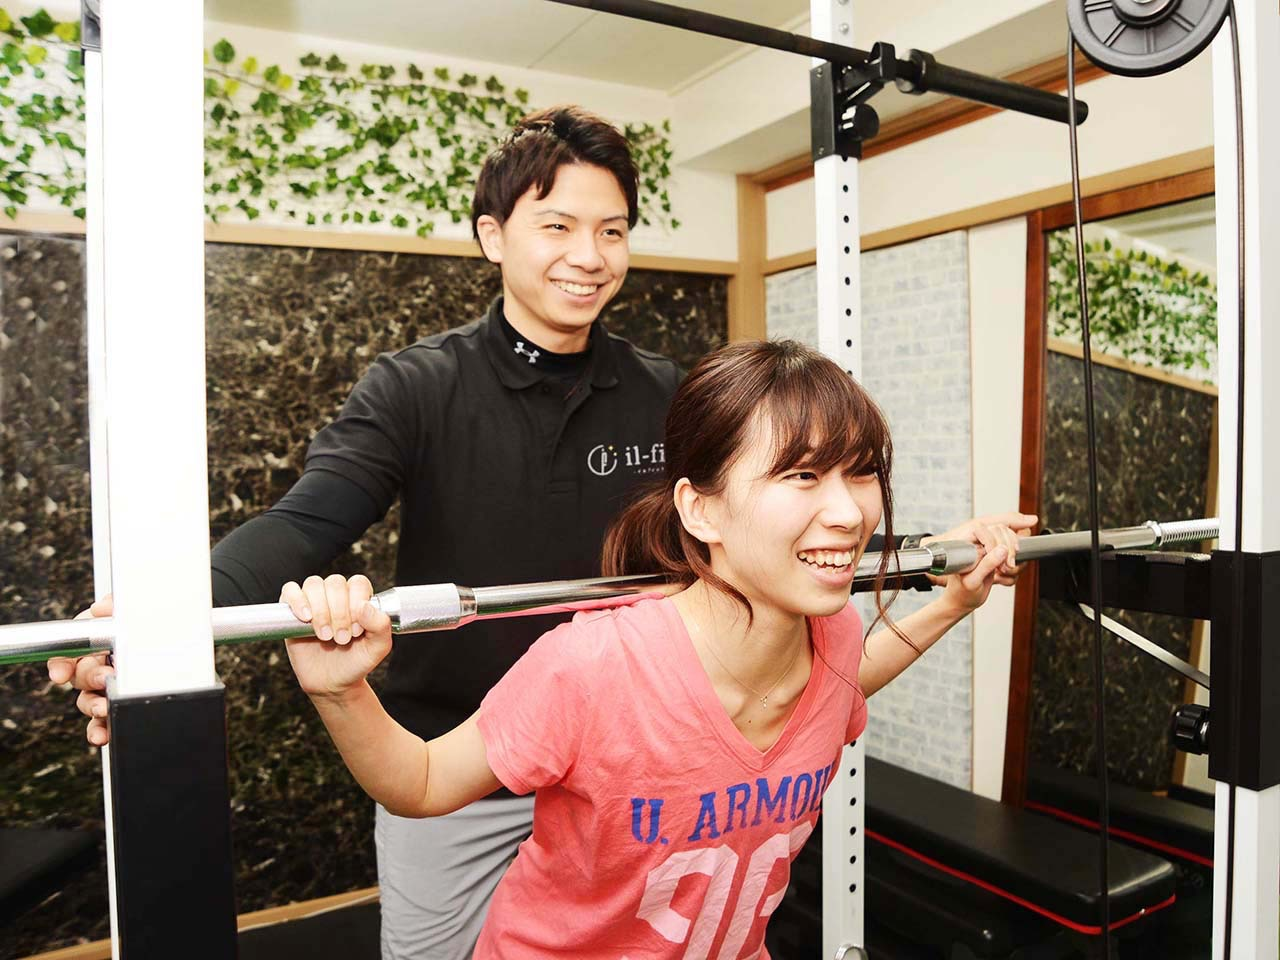 松戸駅のパーソナルトレーニング